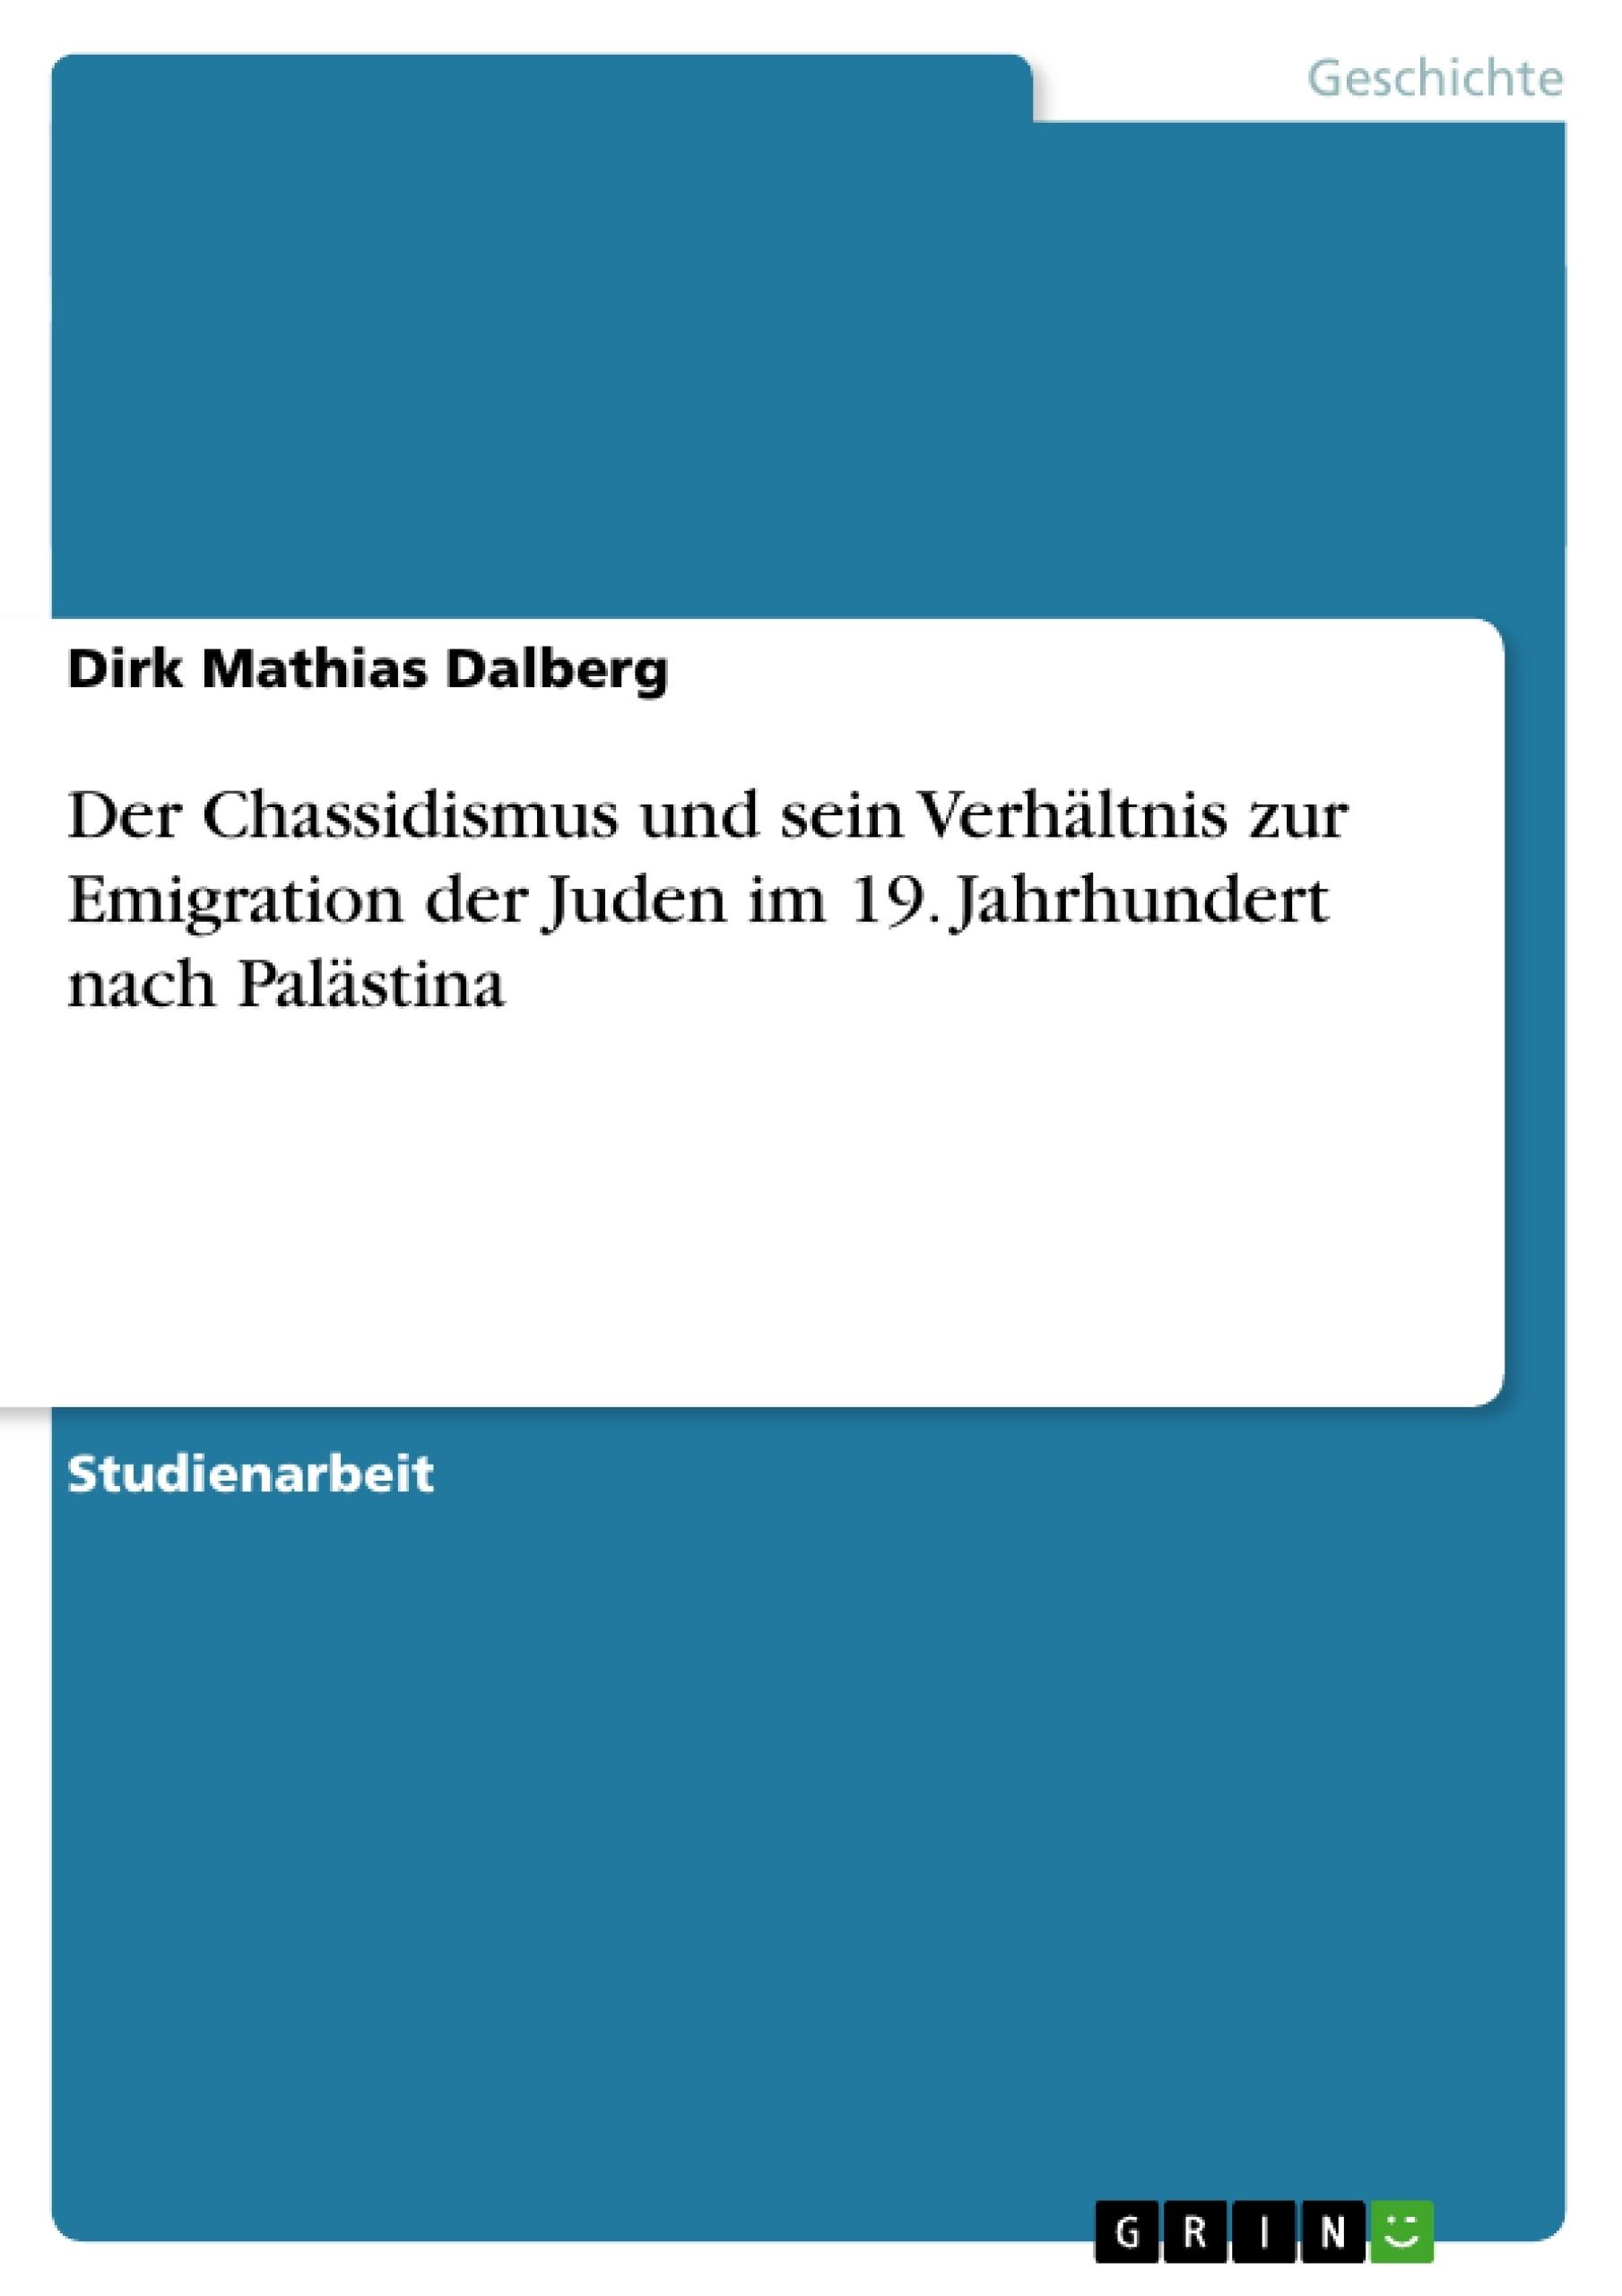 Titel: Der Chassidismus und sein Verhältnis zur Emigration der Juden im 19. Jahrhundert nach Palästina